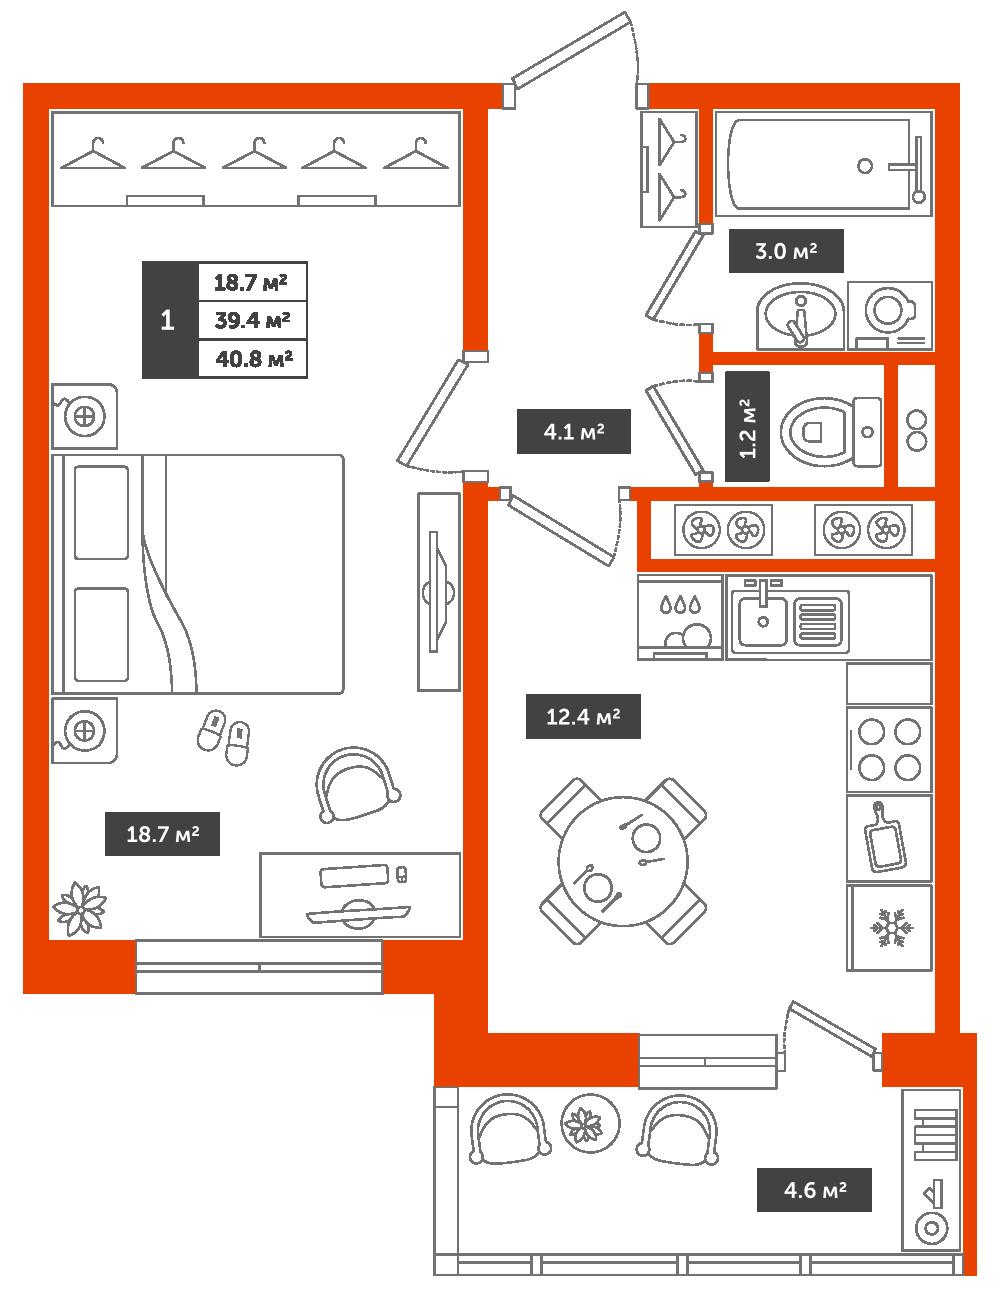 1-комнатная квартира, 40.8м² за 4,7 млн руб.